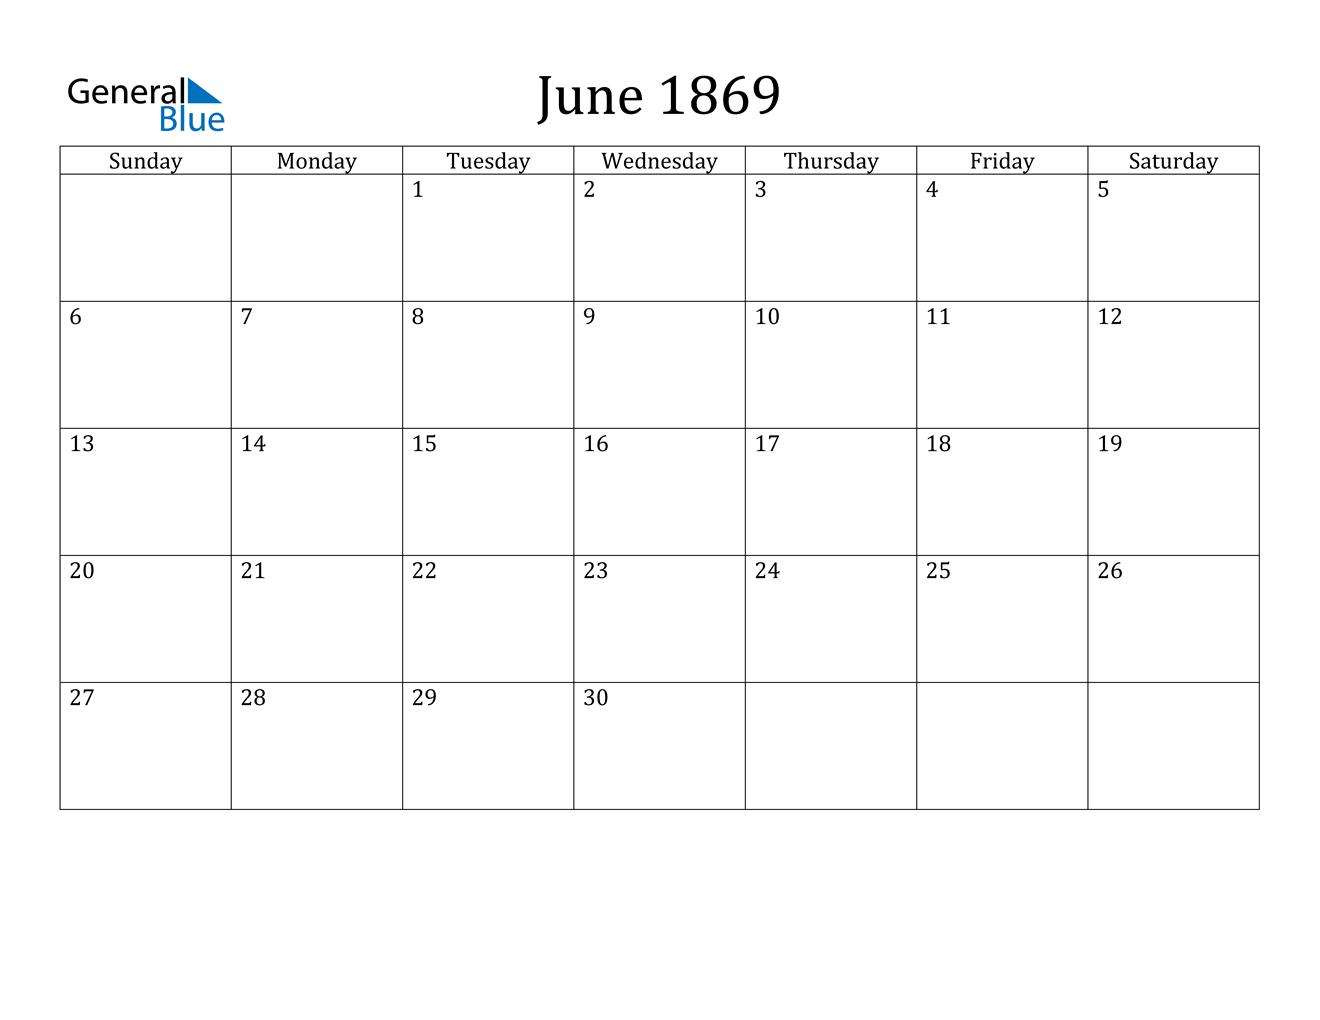 Image of June 1869 Calendar